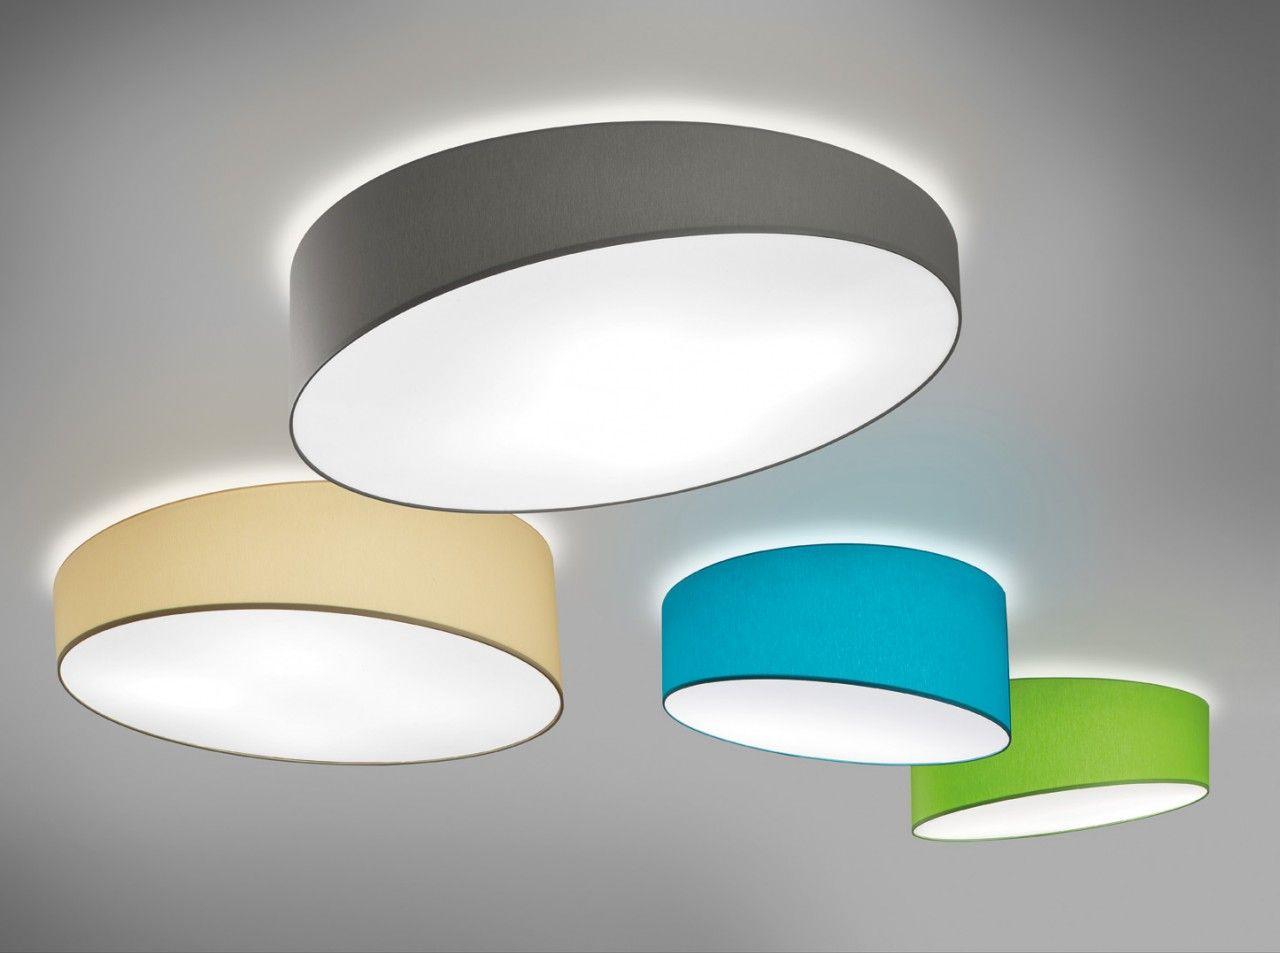 wero design deckenlampe deckenleuchte leuchte-vigo-007-broun